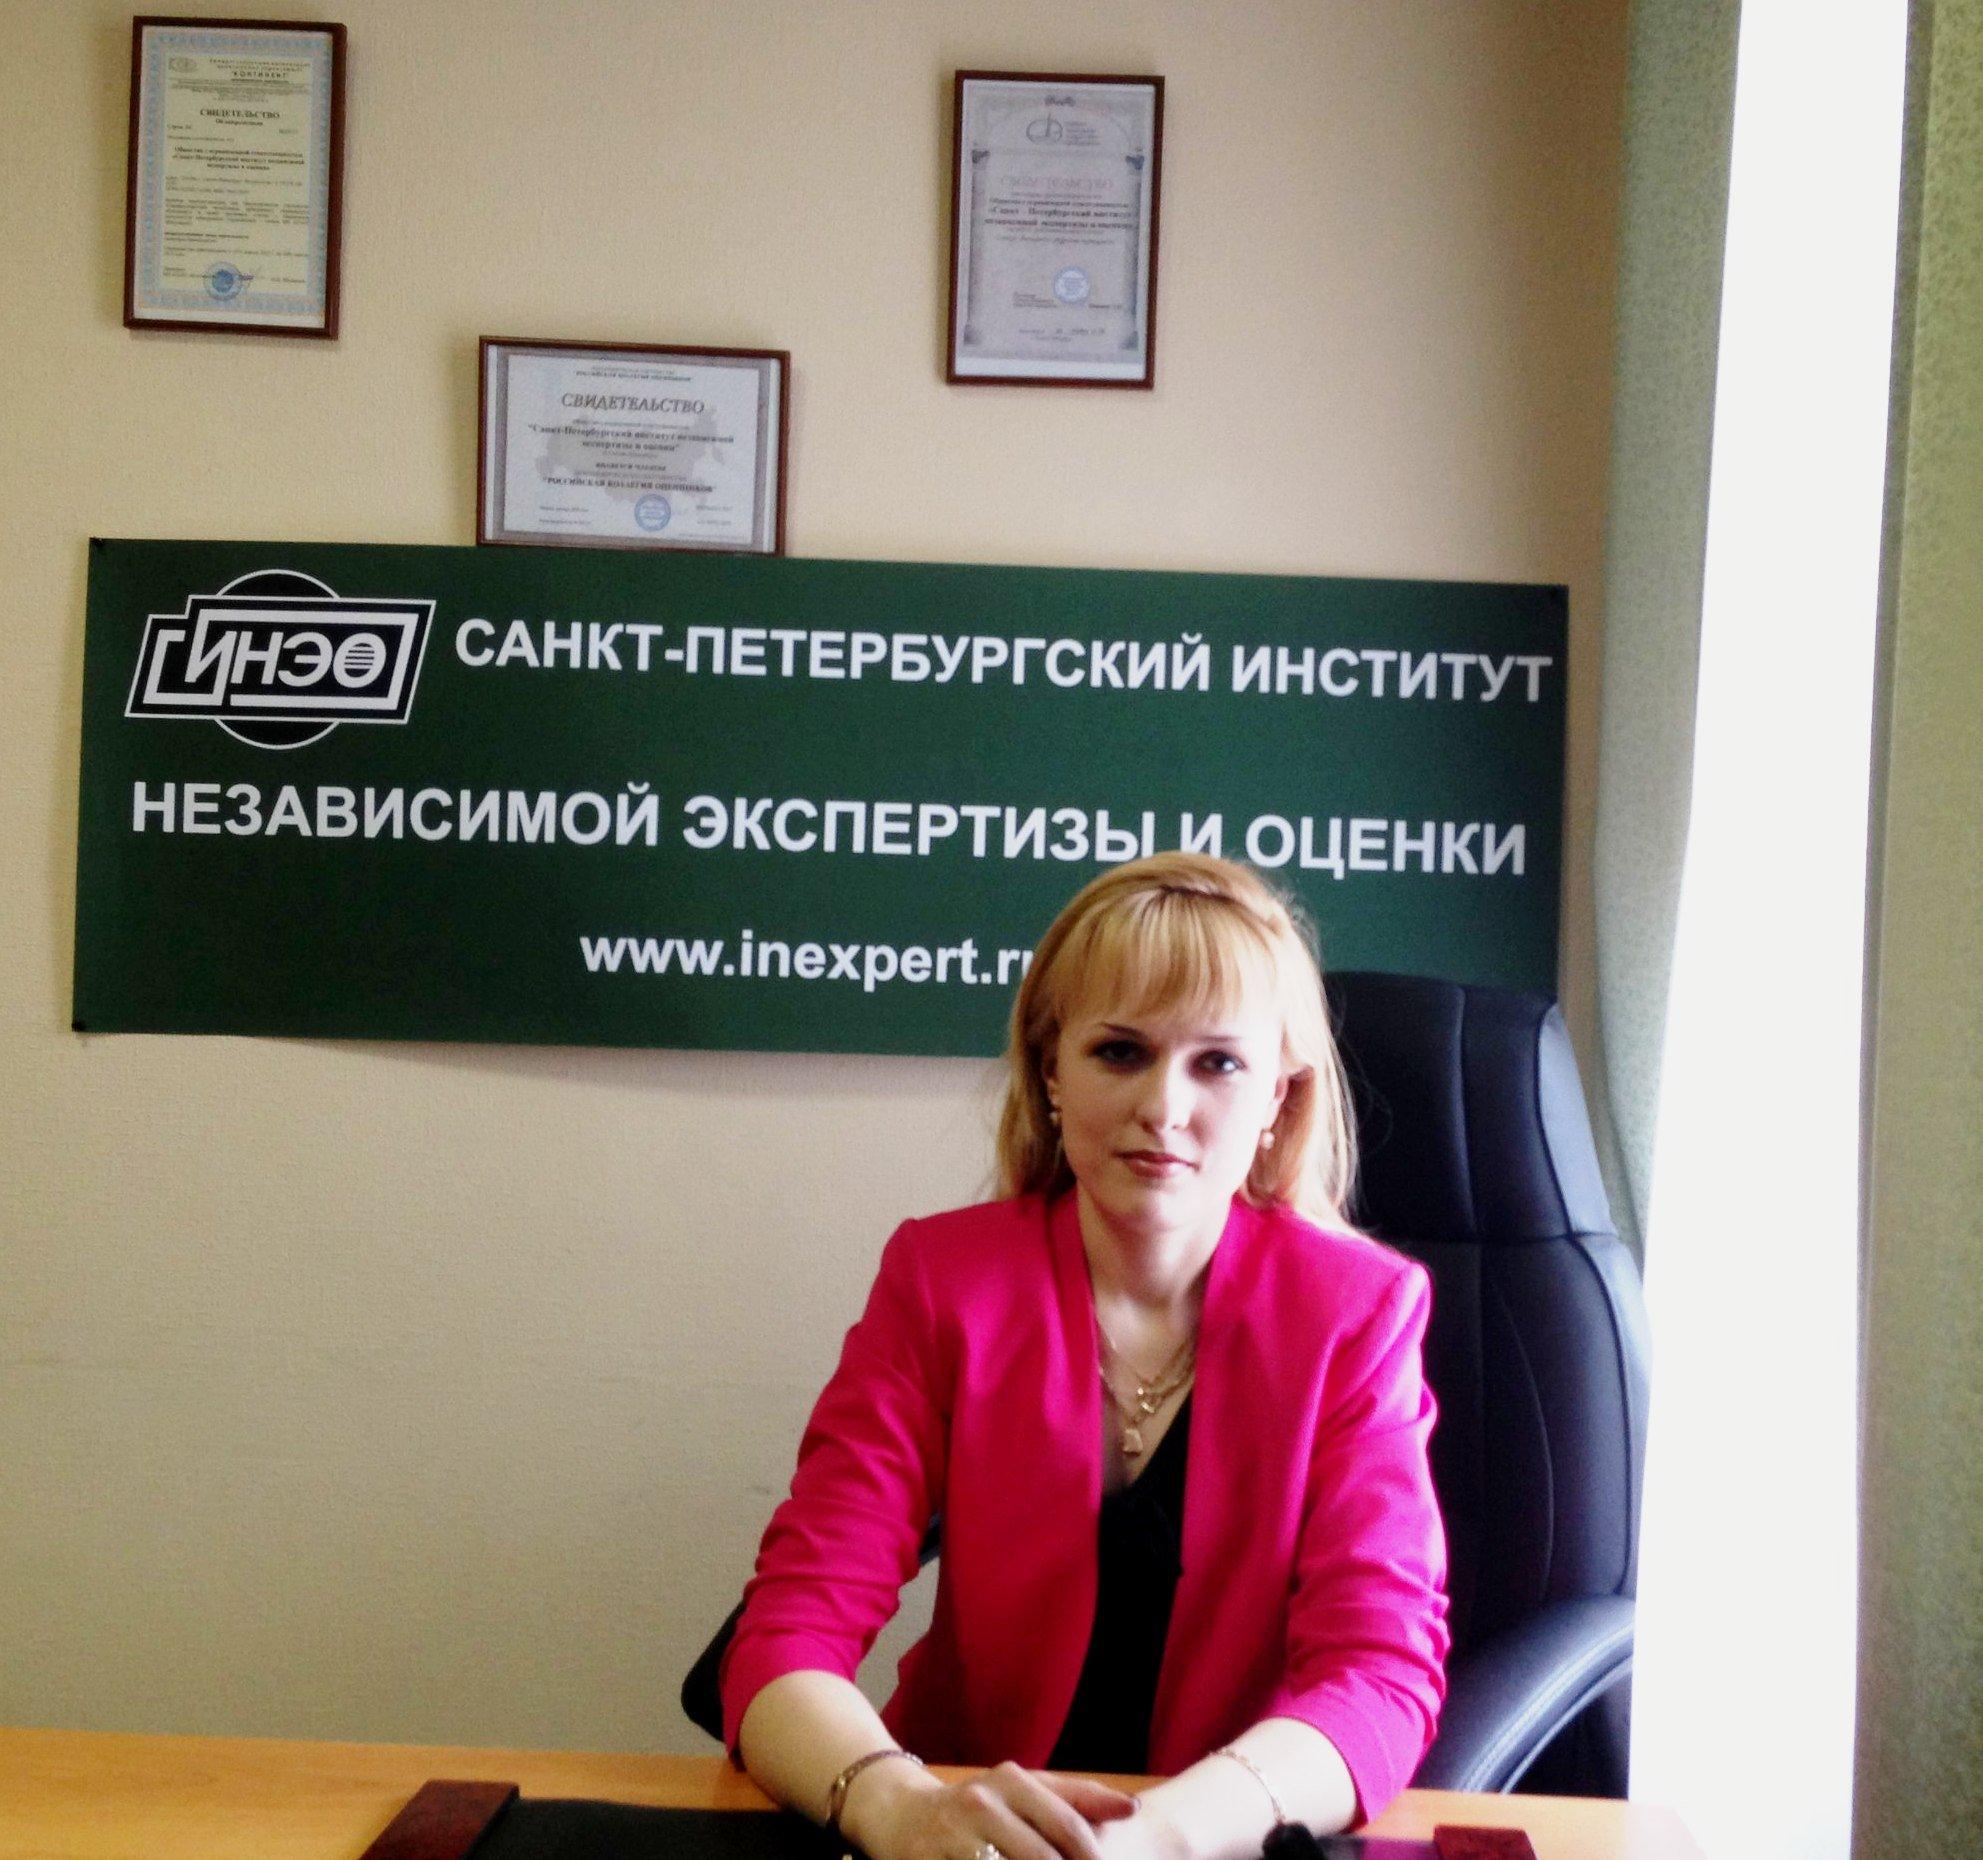 Н.Н. Сысоева: как отличить метанол и почему произошла трагедия в Иркутске